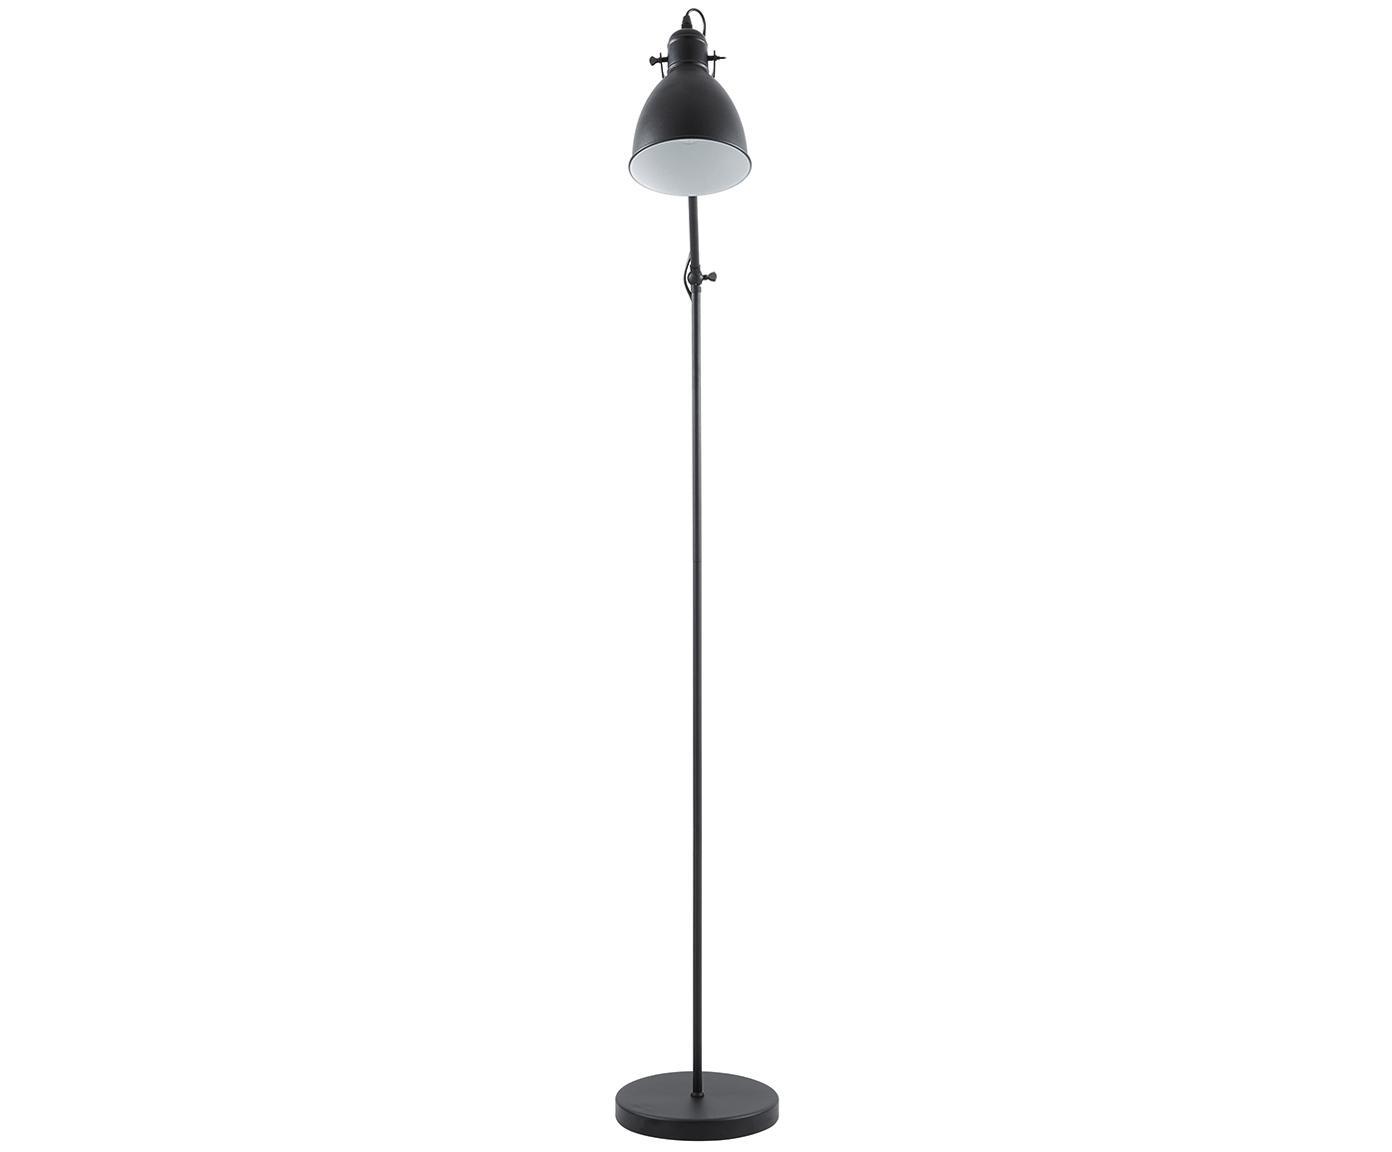 Lampa podłogowa Ethan, Czarny, ∅ 15 x W 137 cm